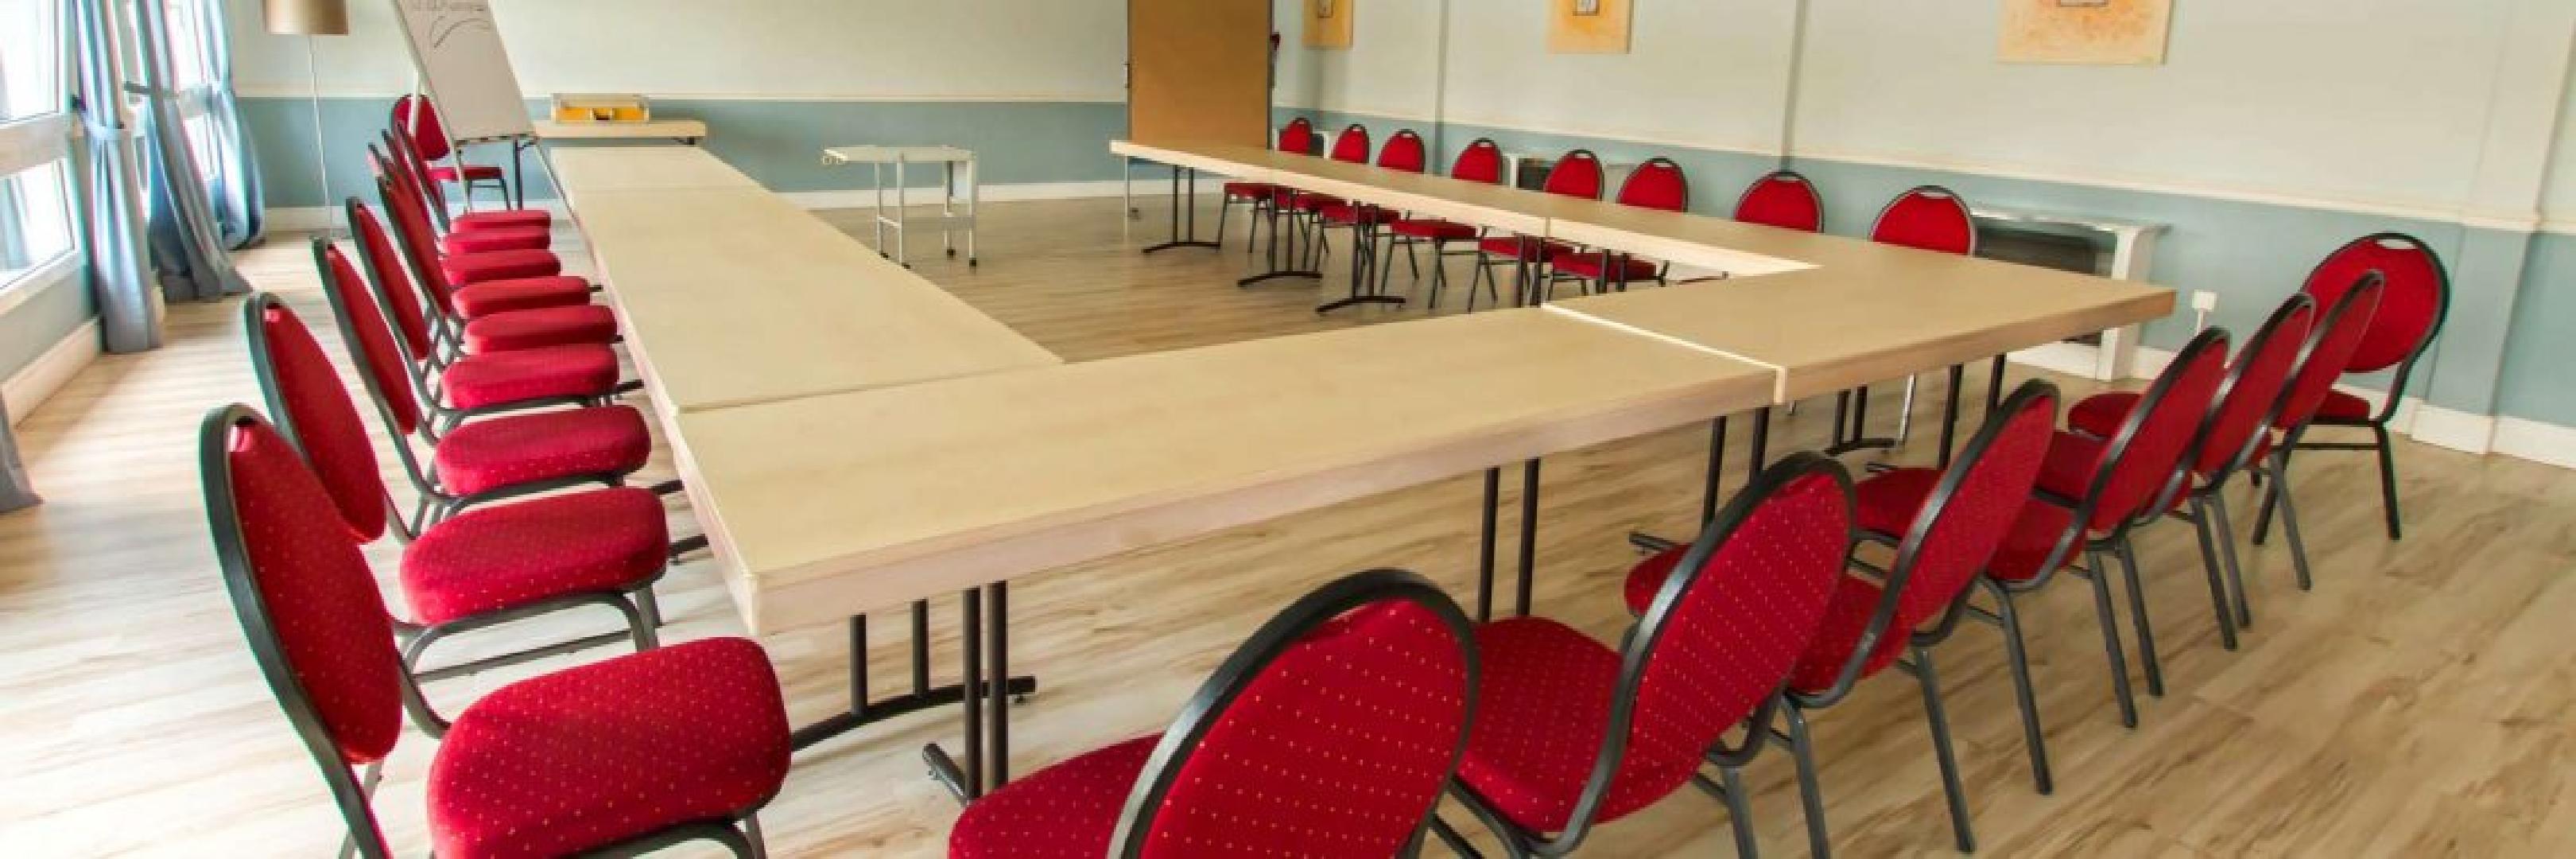 Bild 2 von Tagungsräume Barnim & Chorin